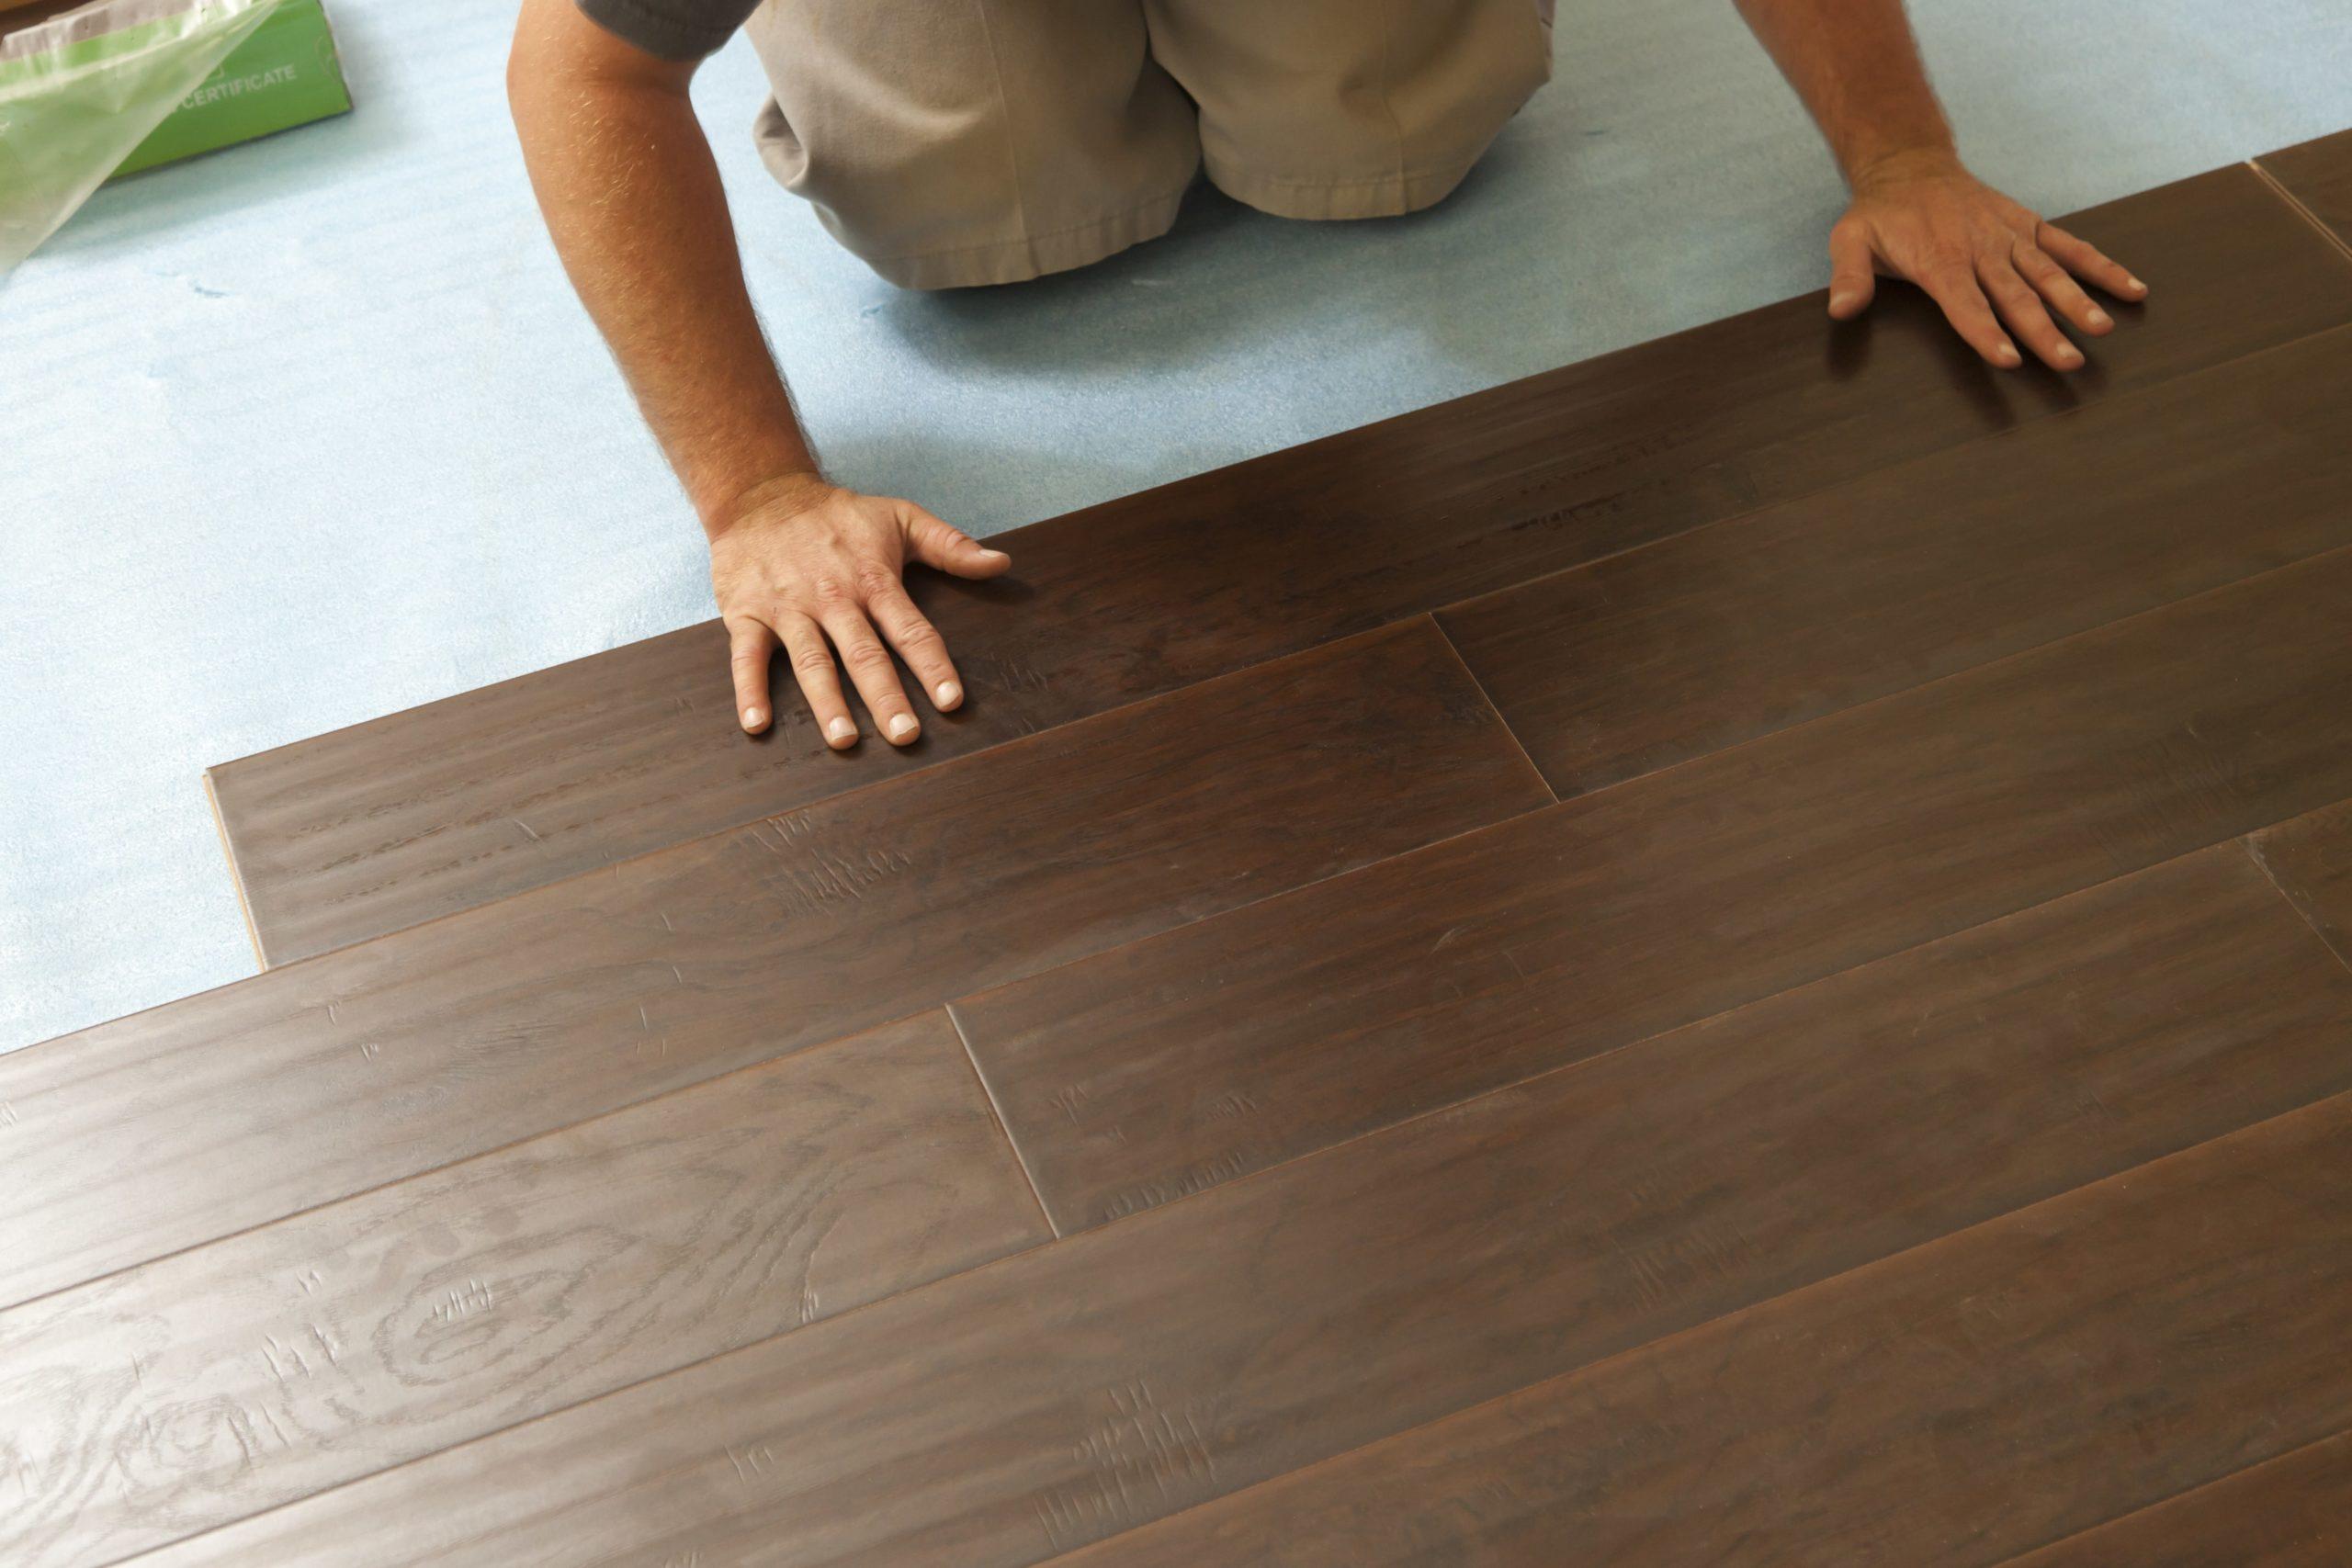 A contractor setting up vinyl floor